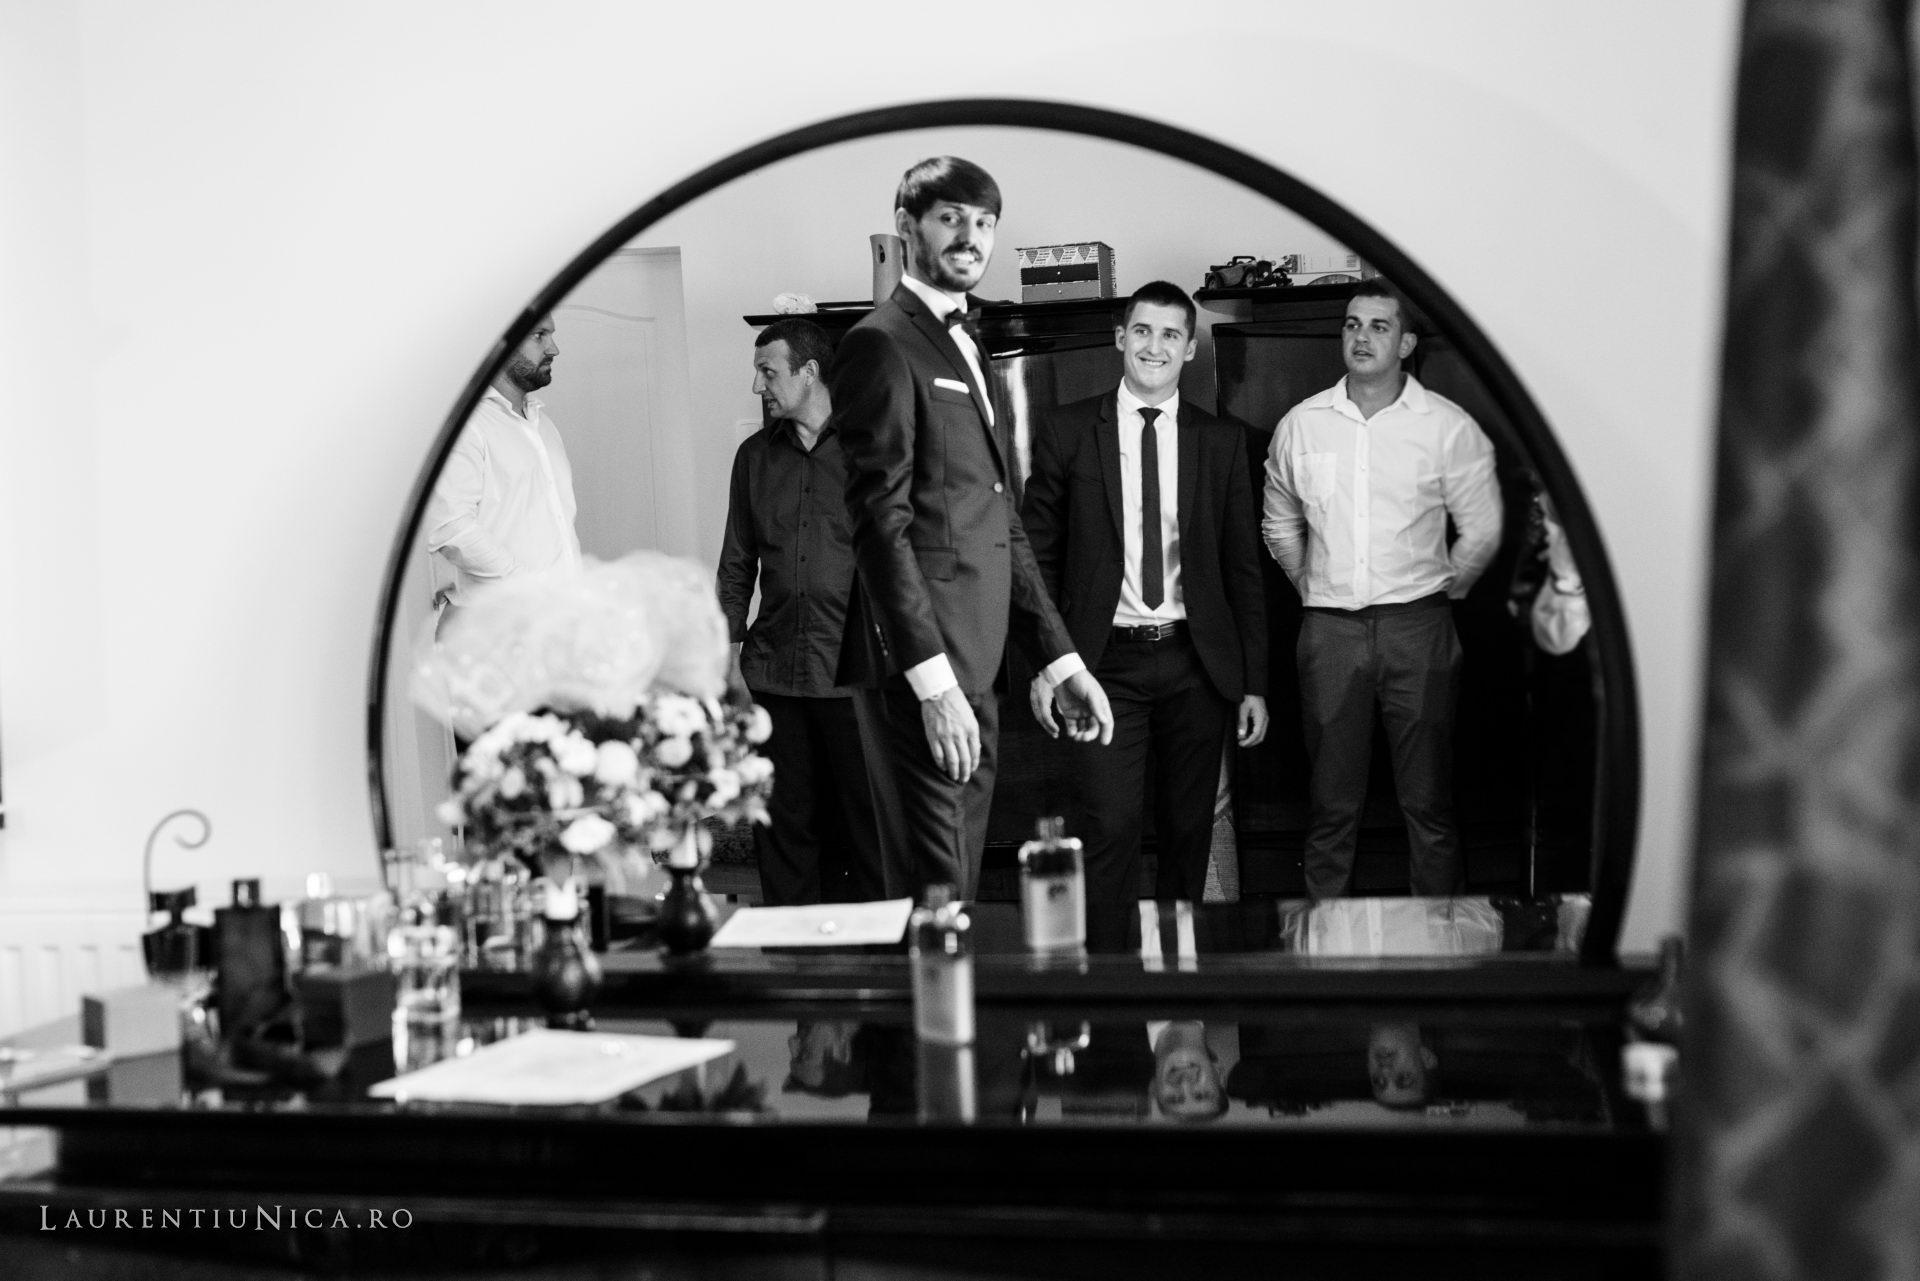 Cristina si Ovidiu nunta Craiova fotograf laurentiu nica 041 - Cristina & Ovidiu | Fotografii nunta | Craiova